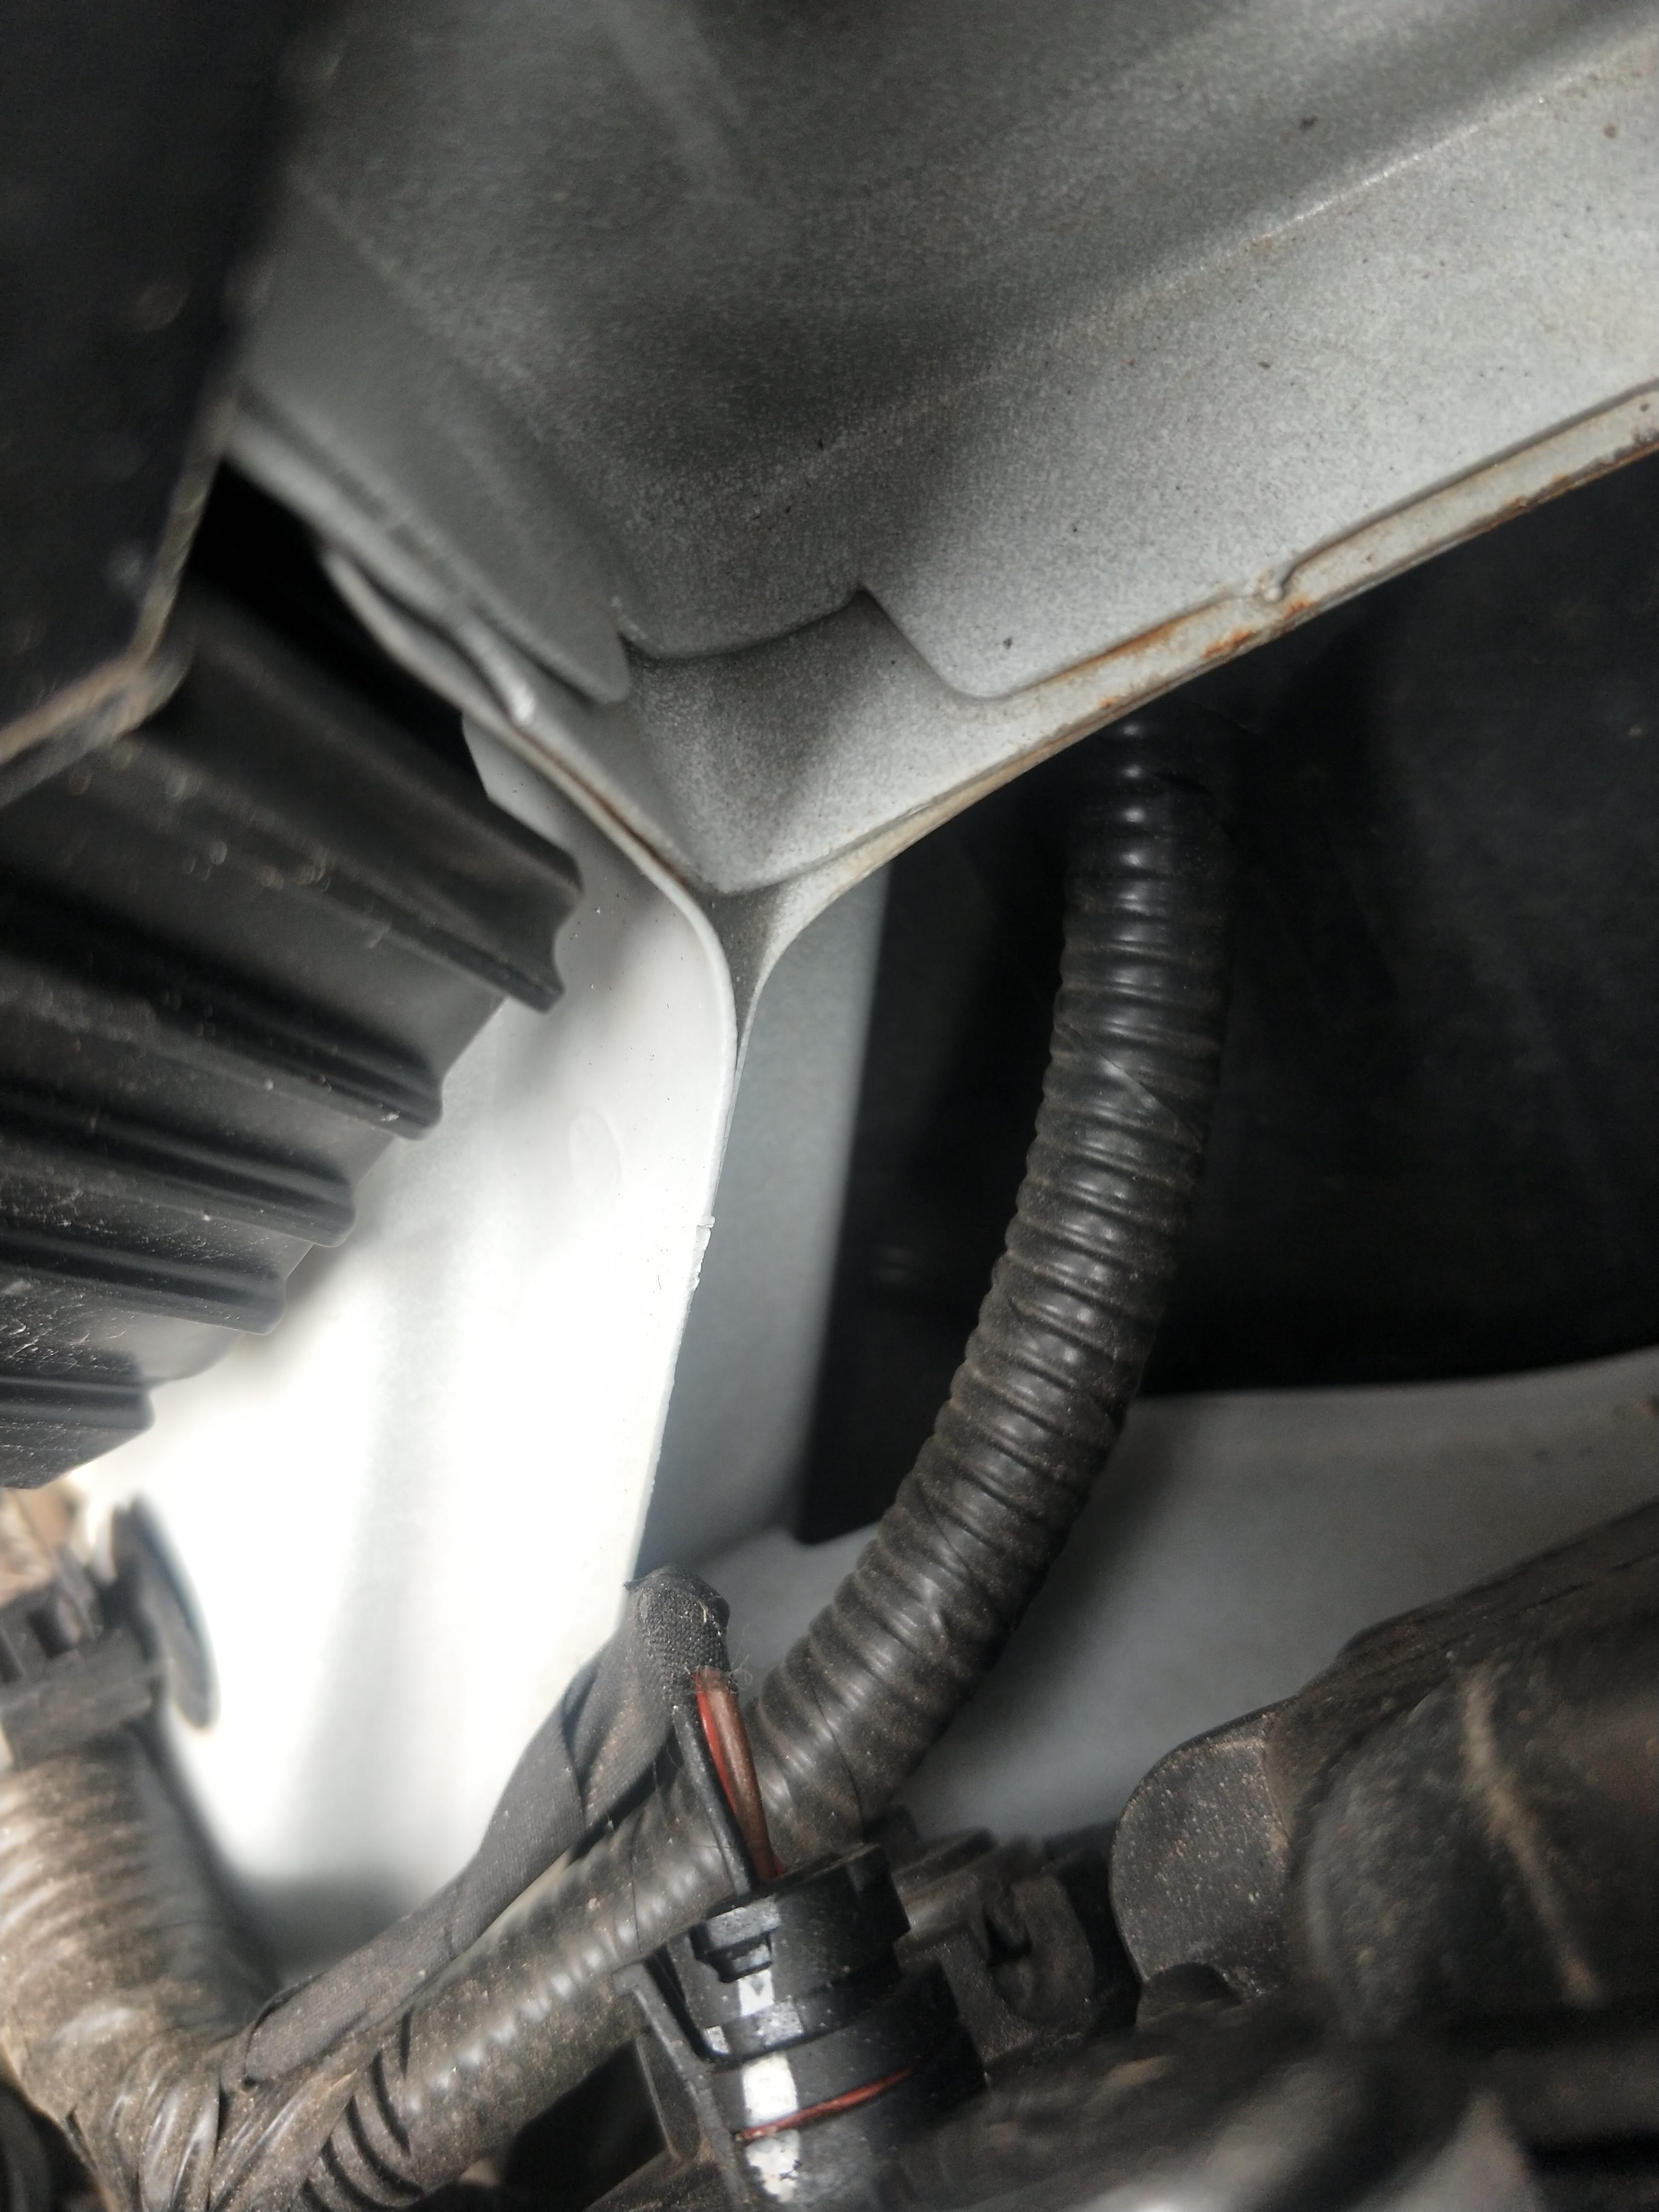 北京现代悦动因厂家生产流程工艺及品控有问题,导致车辆仓梁头生锈严重